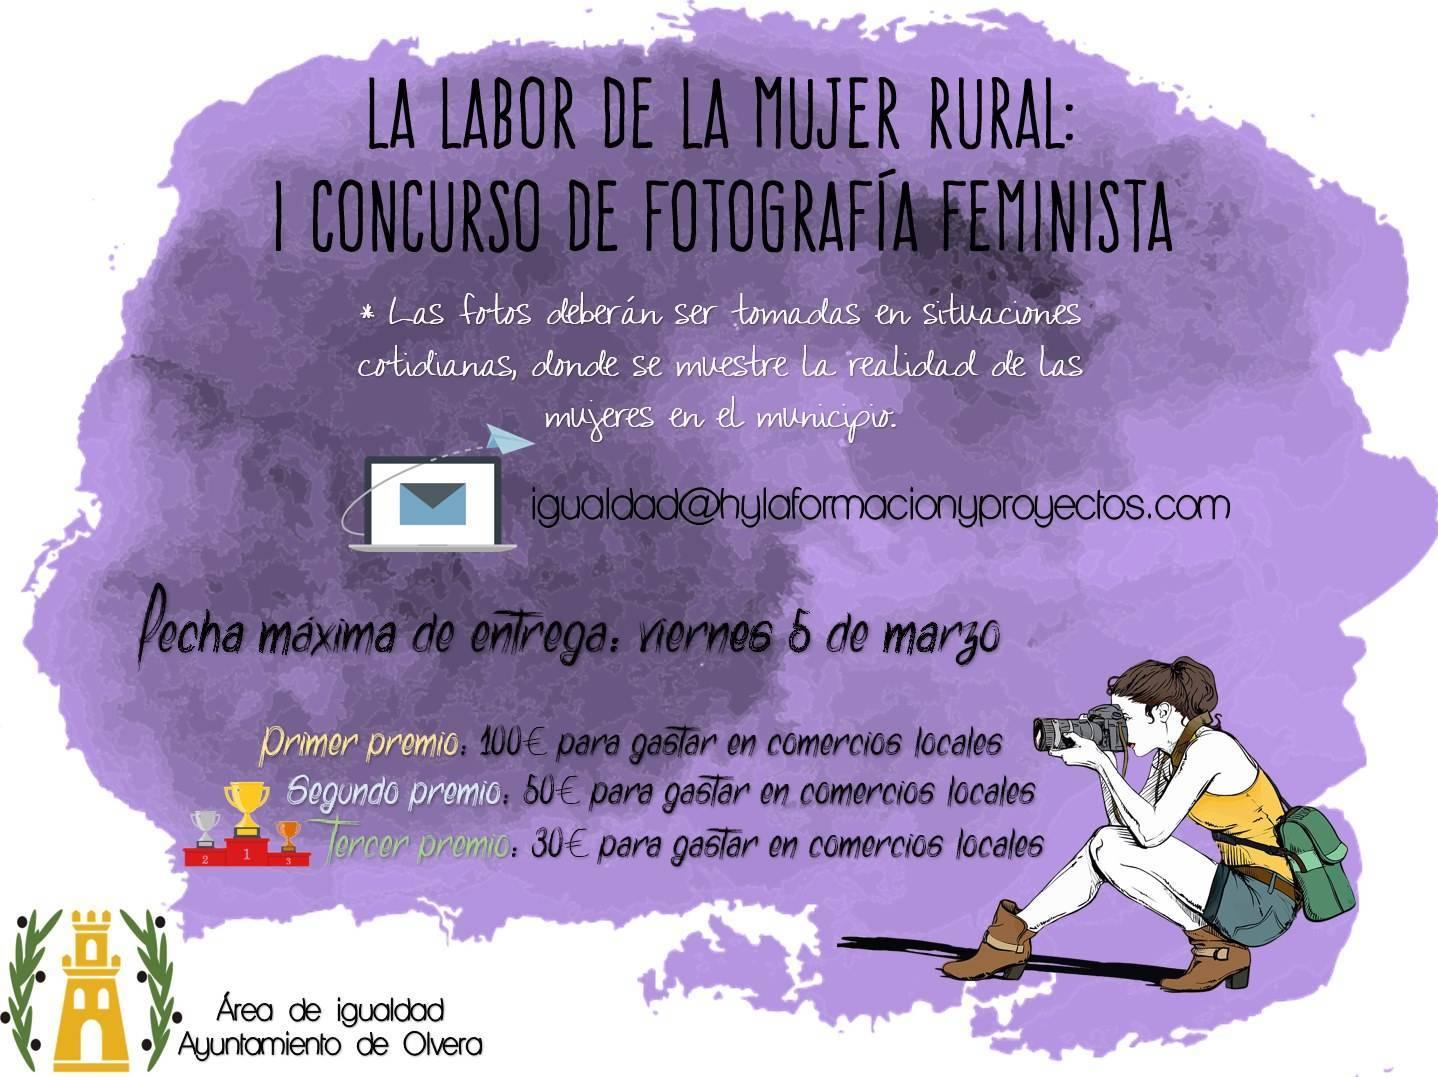 I concurso de fotografía feminista - Olvera (Cádiz) 1